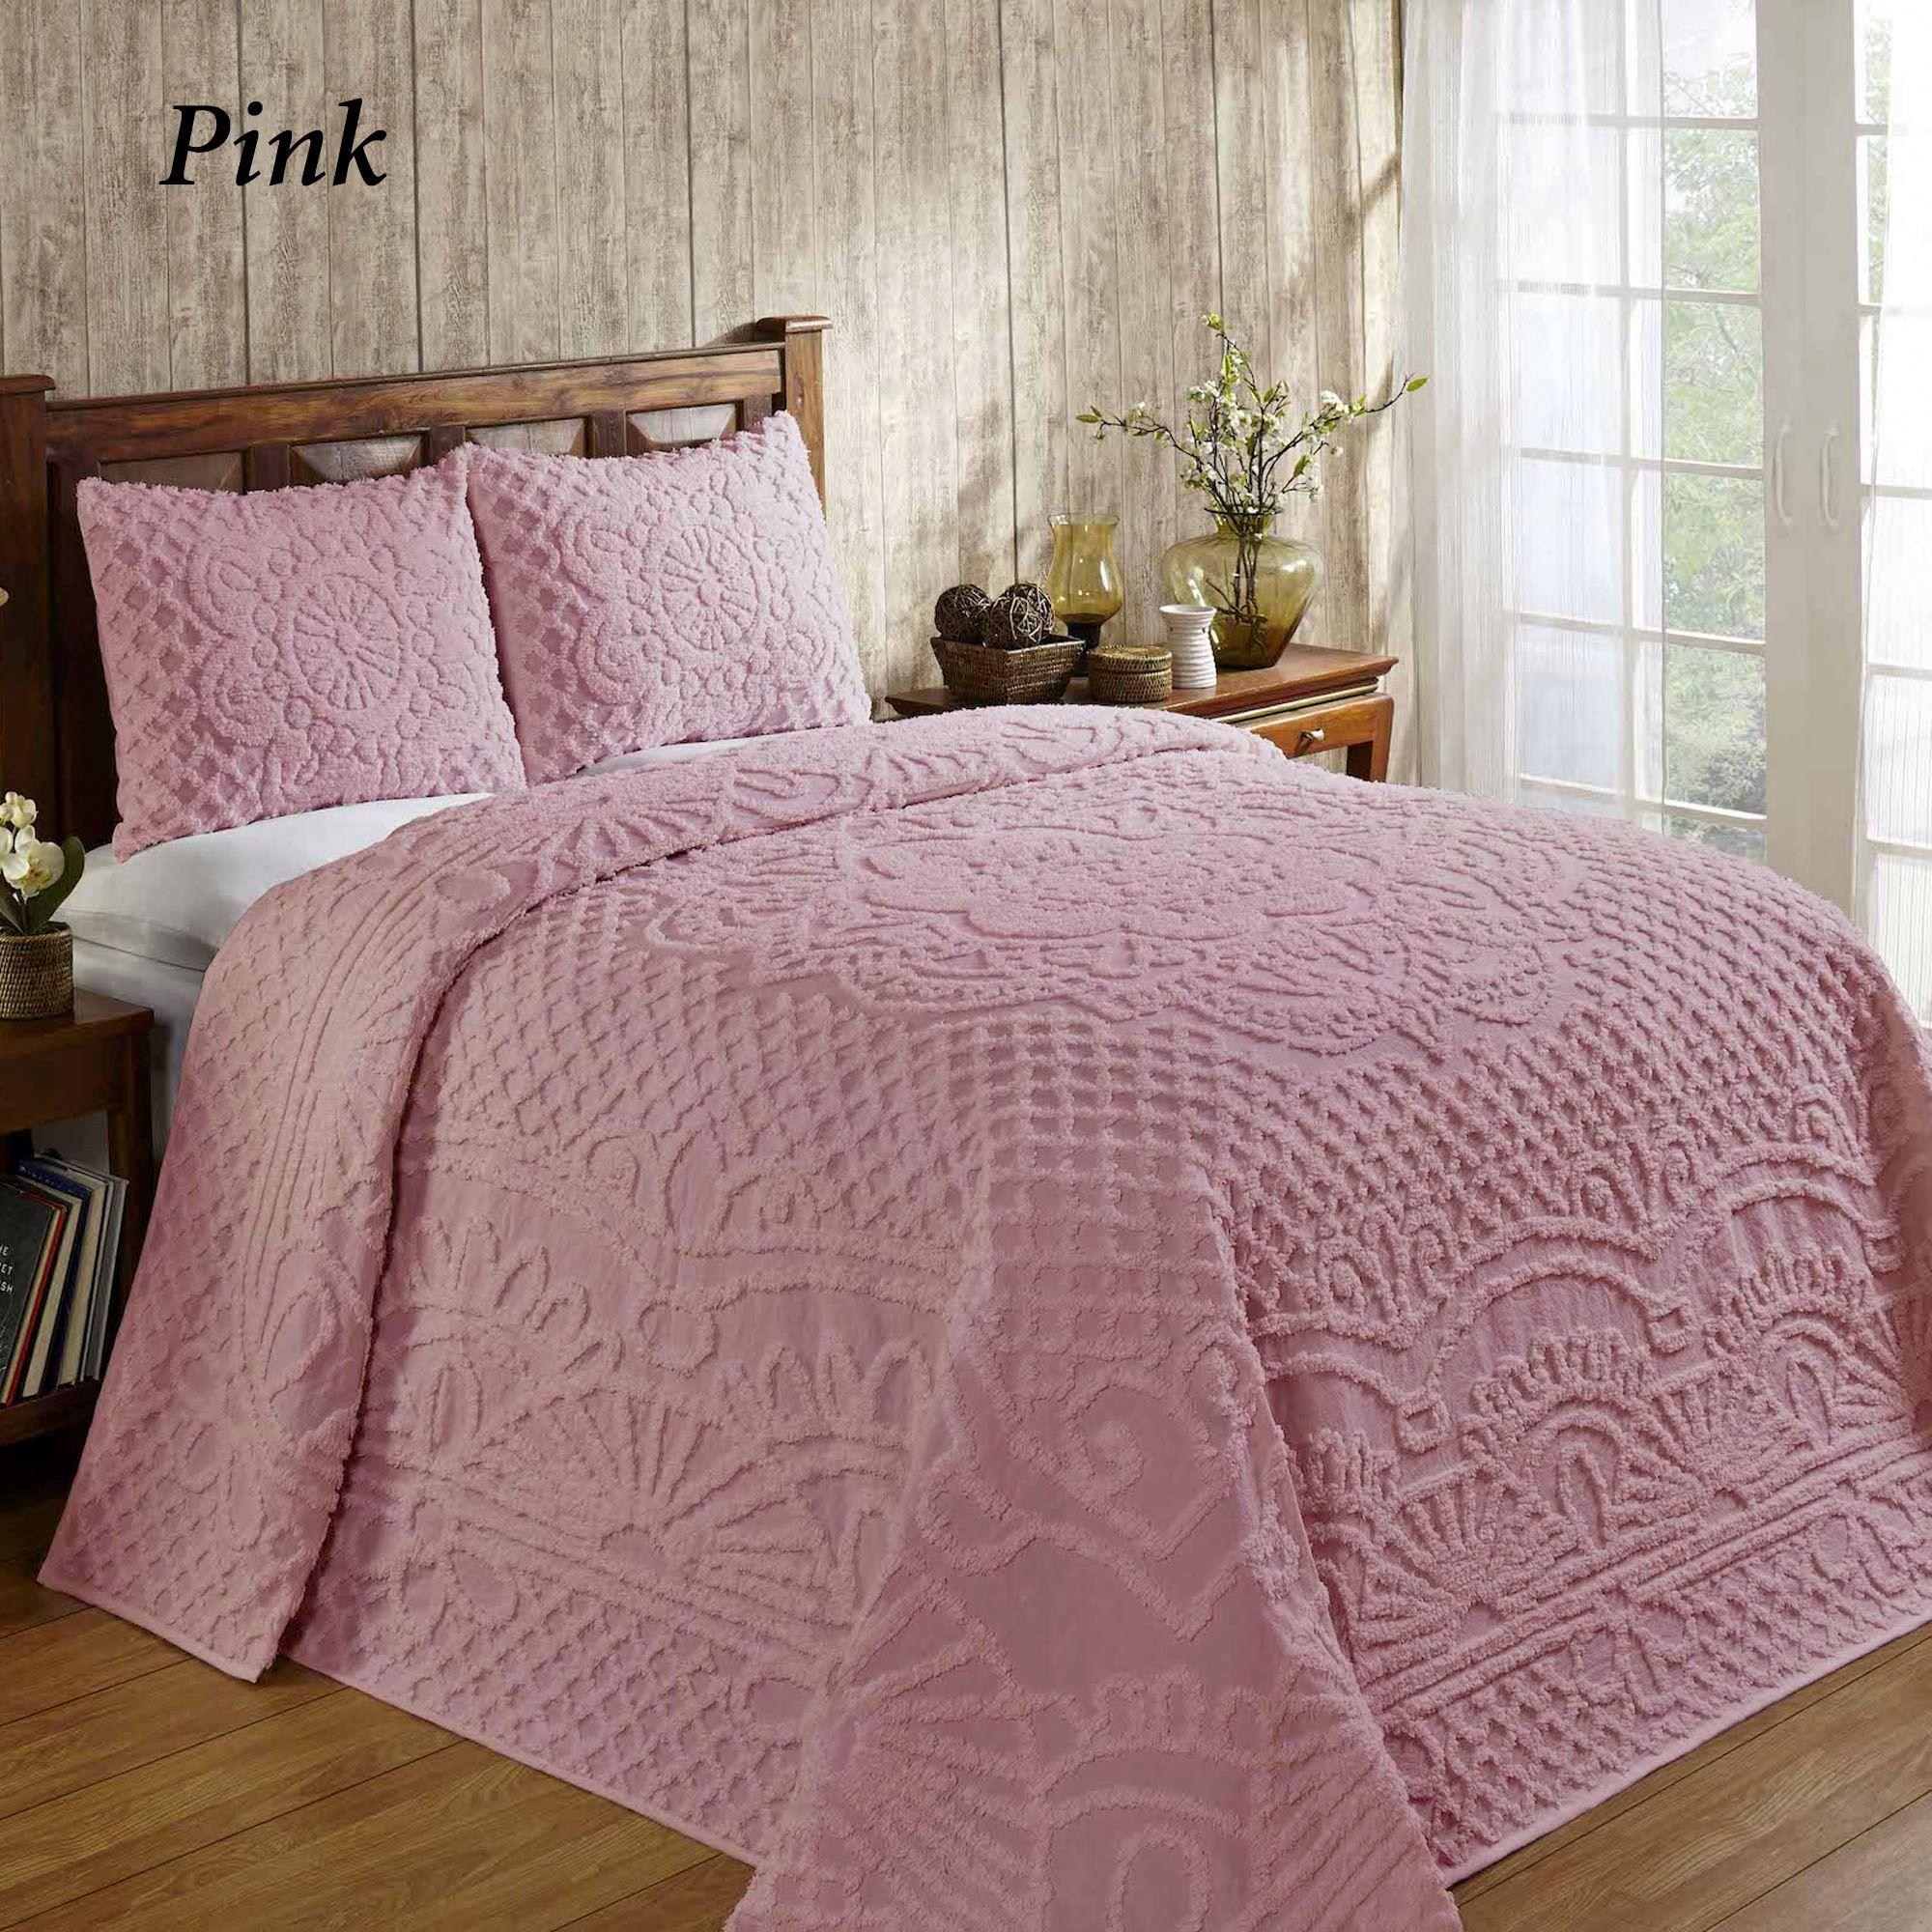 trevor solid color lightweight cotton chenille bedspread set. Black Bedroom Furniture Sets. Home Design Ideas